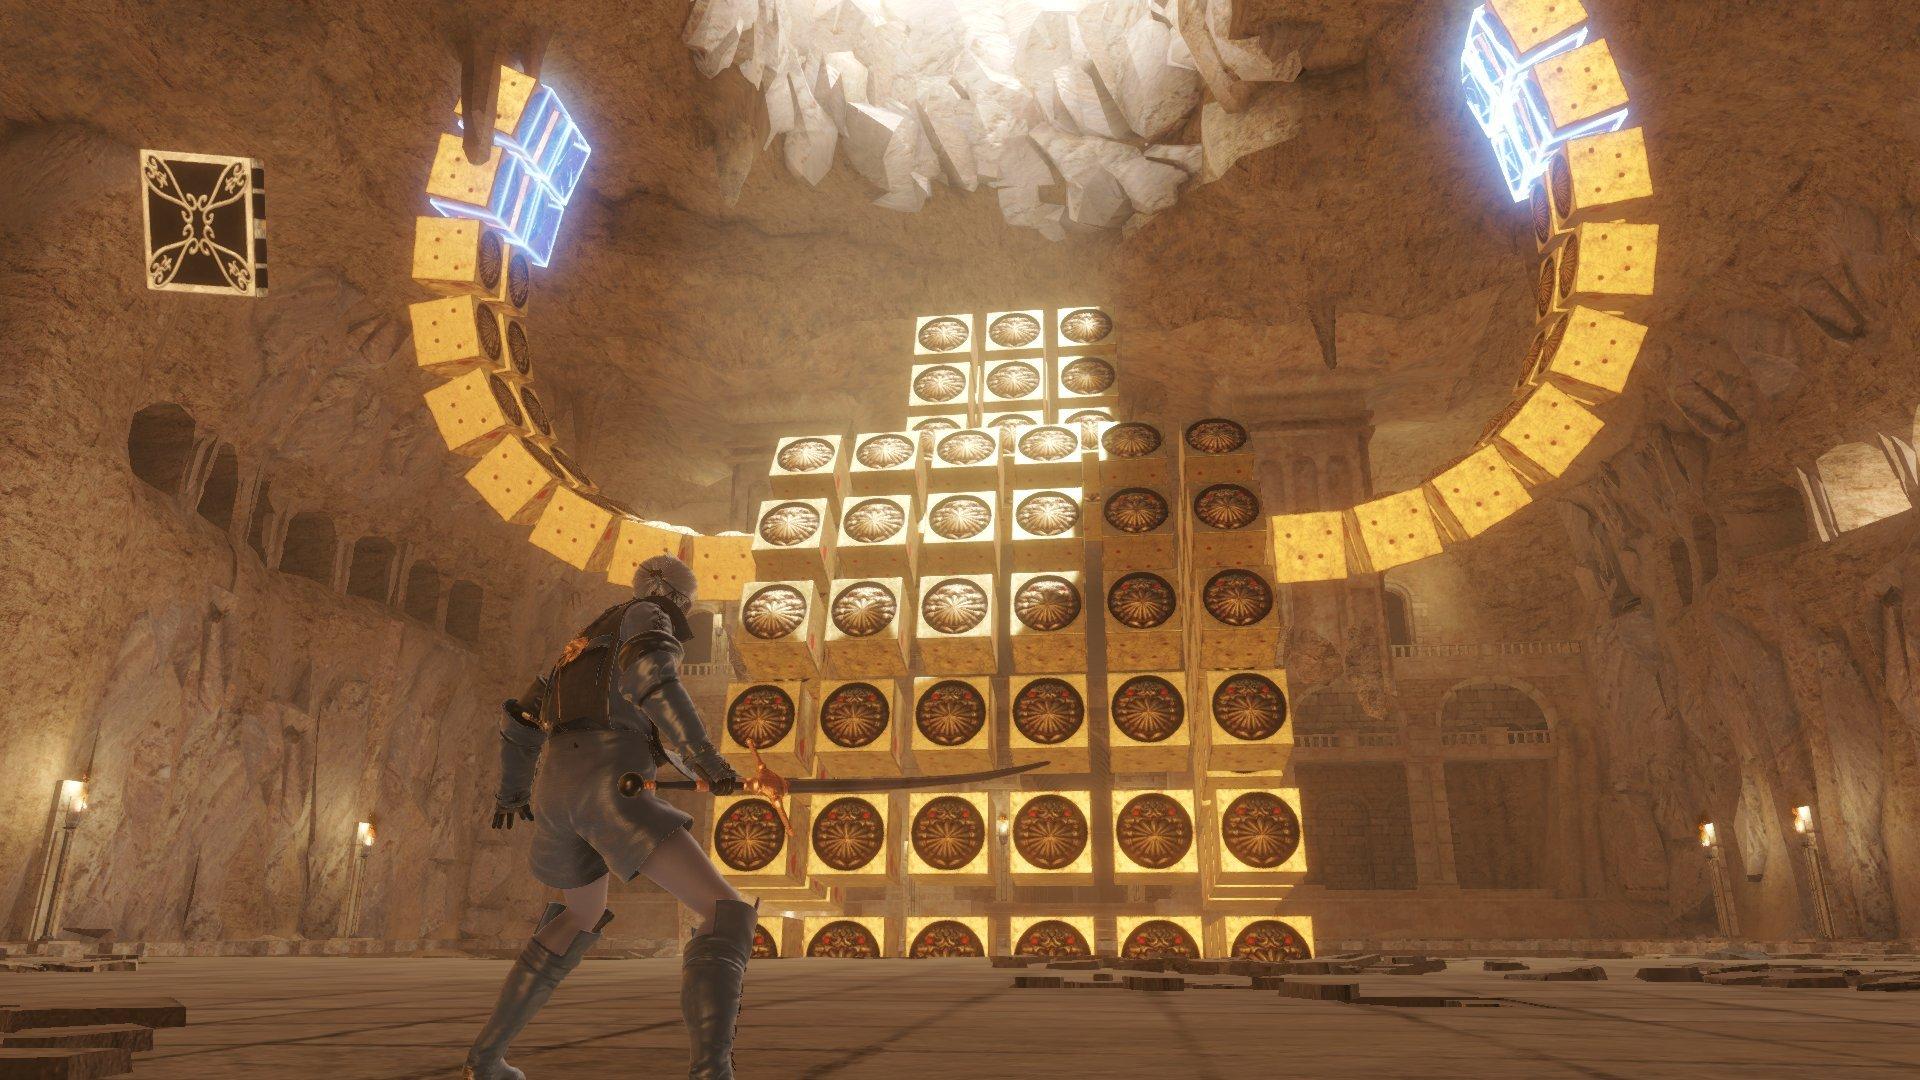 《尼尔:伪装者》升级版新截图发布 展示改进后的环境